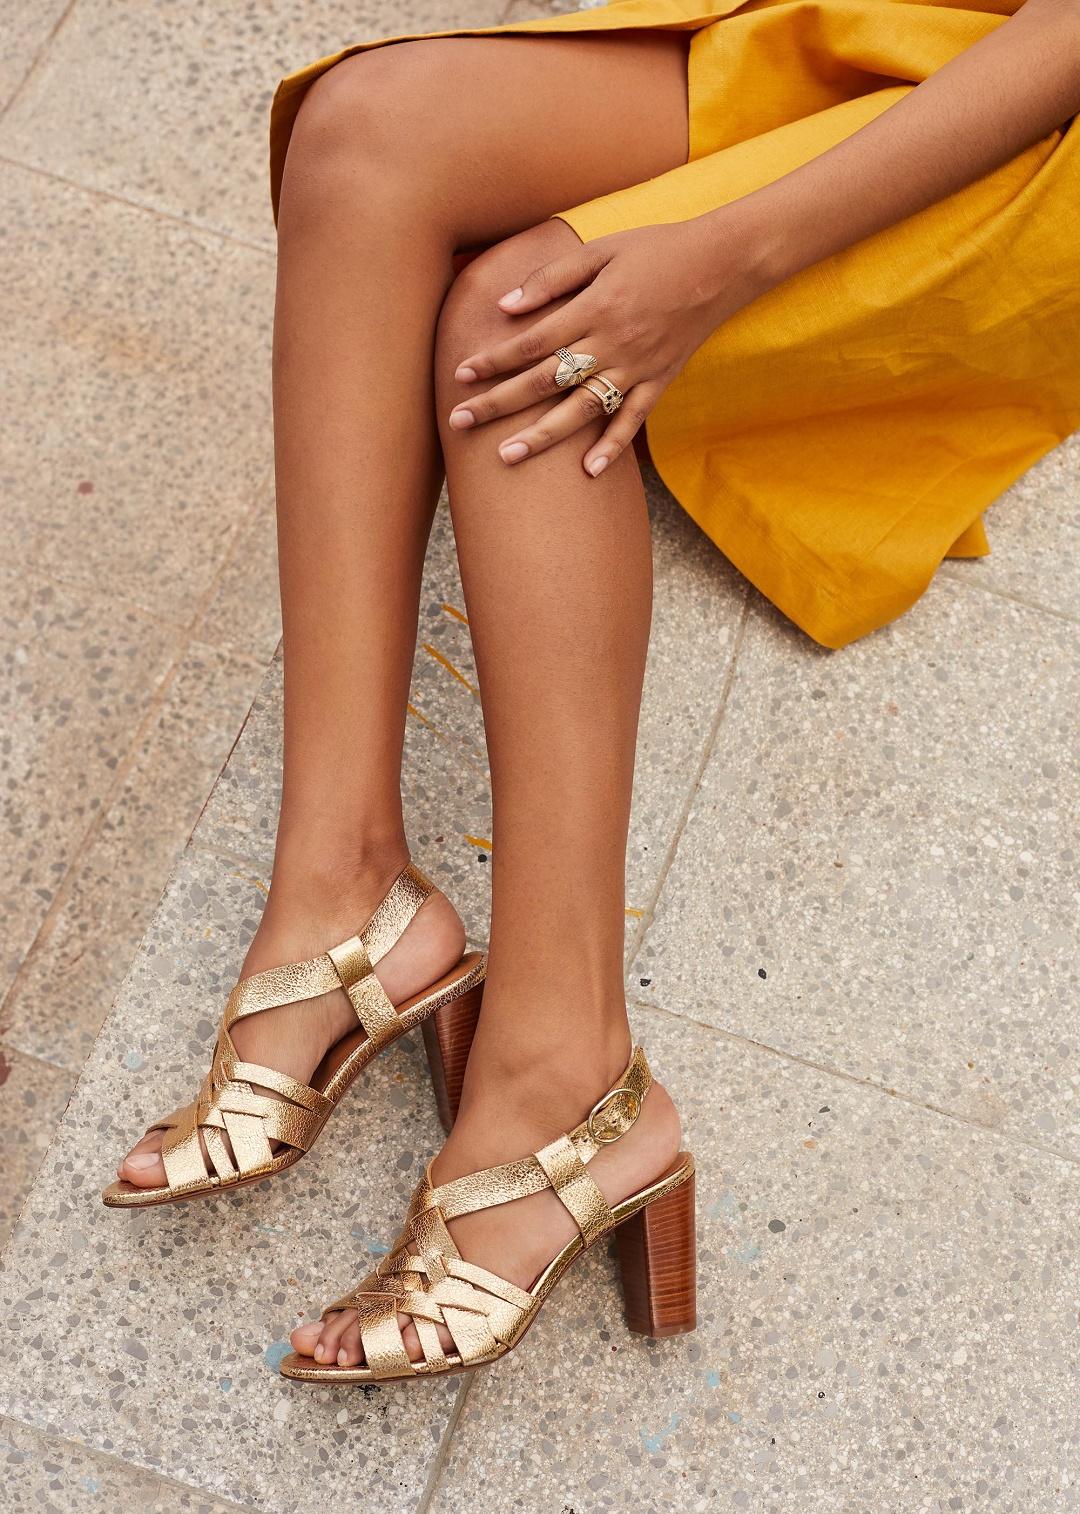 fbe684d052df4 Eshop · Shoes  High Estelle sandals